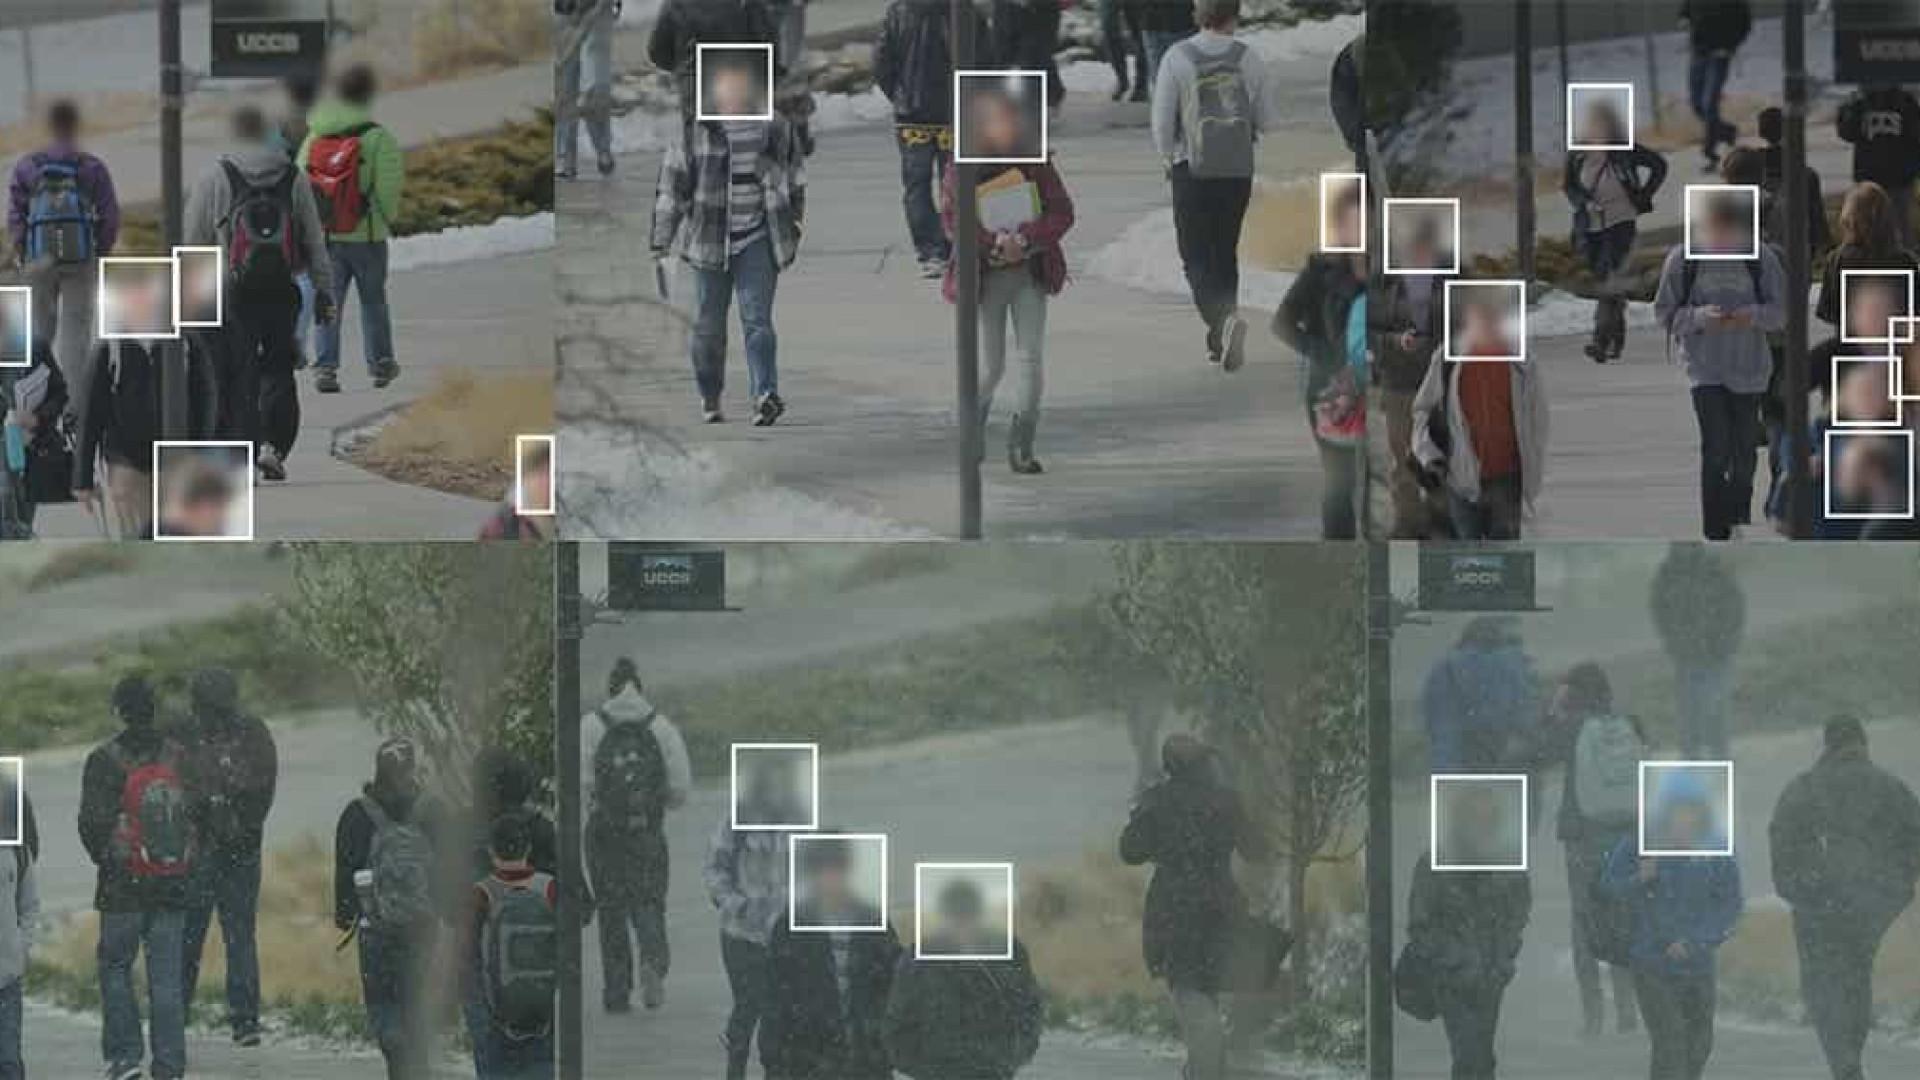 Sistemas de reconhecimento facial erram mais com certas etnias